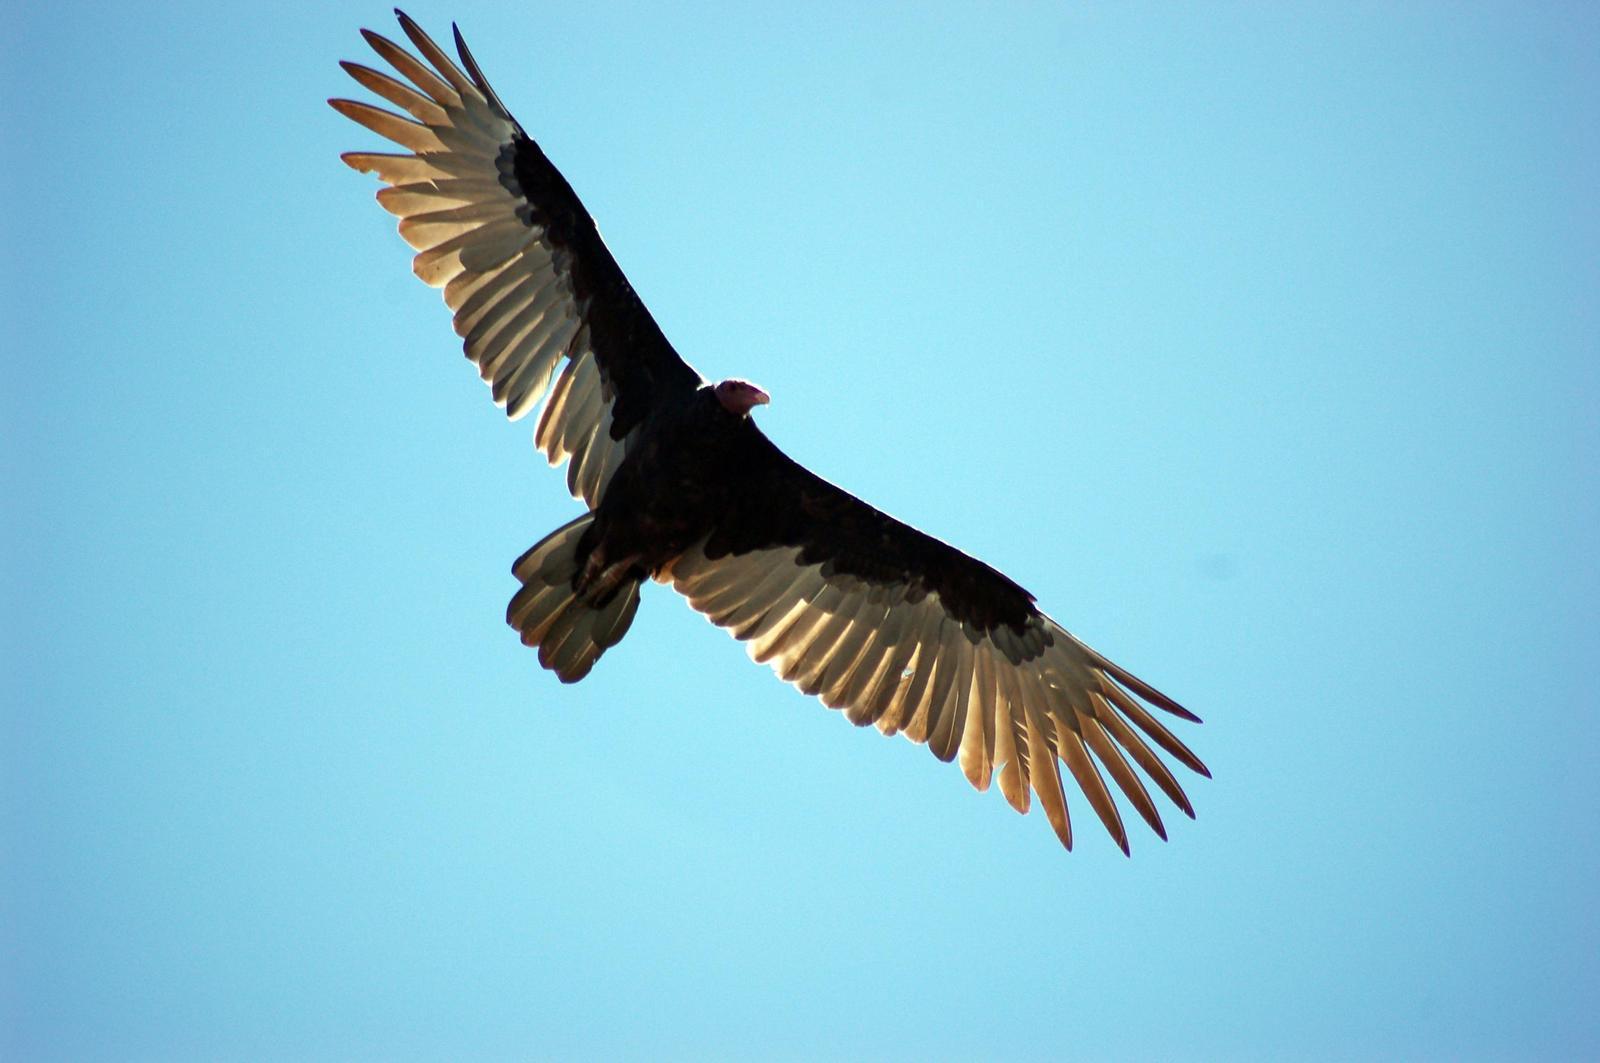 Turkey Vulture Photo by Carlos Silva-Quintas